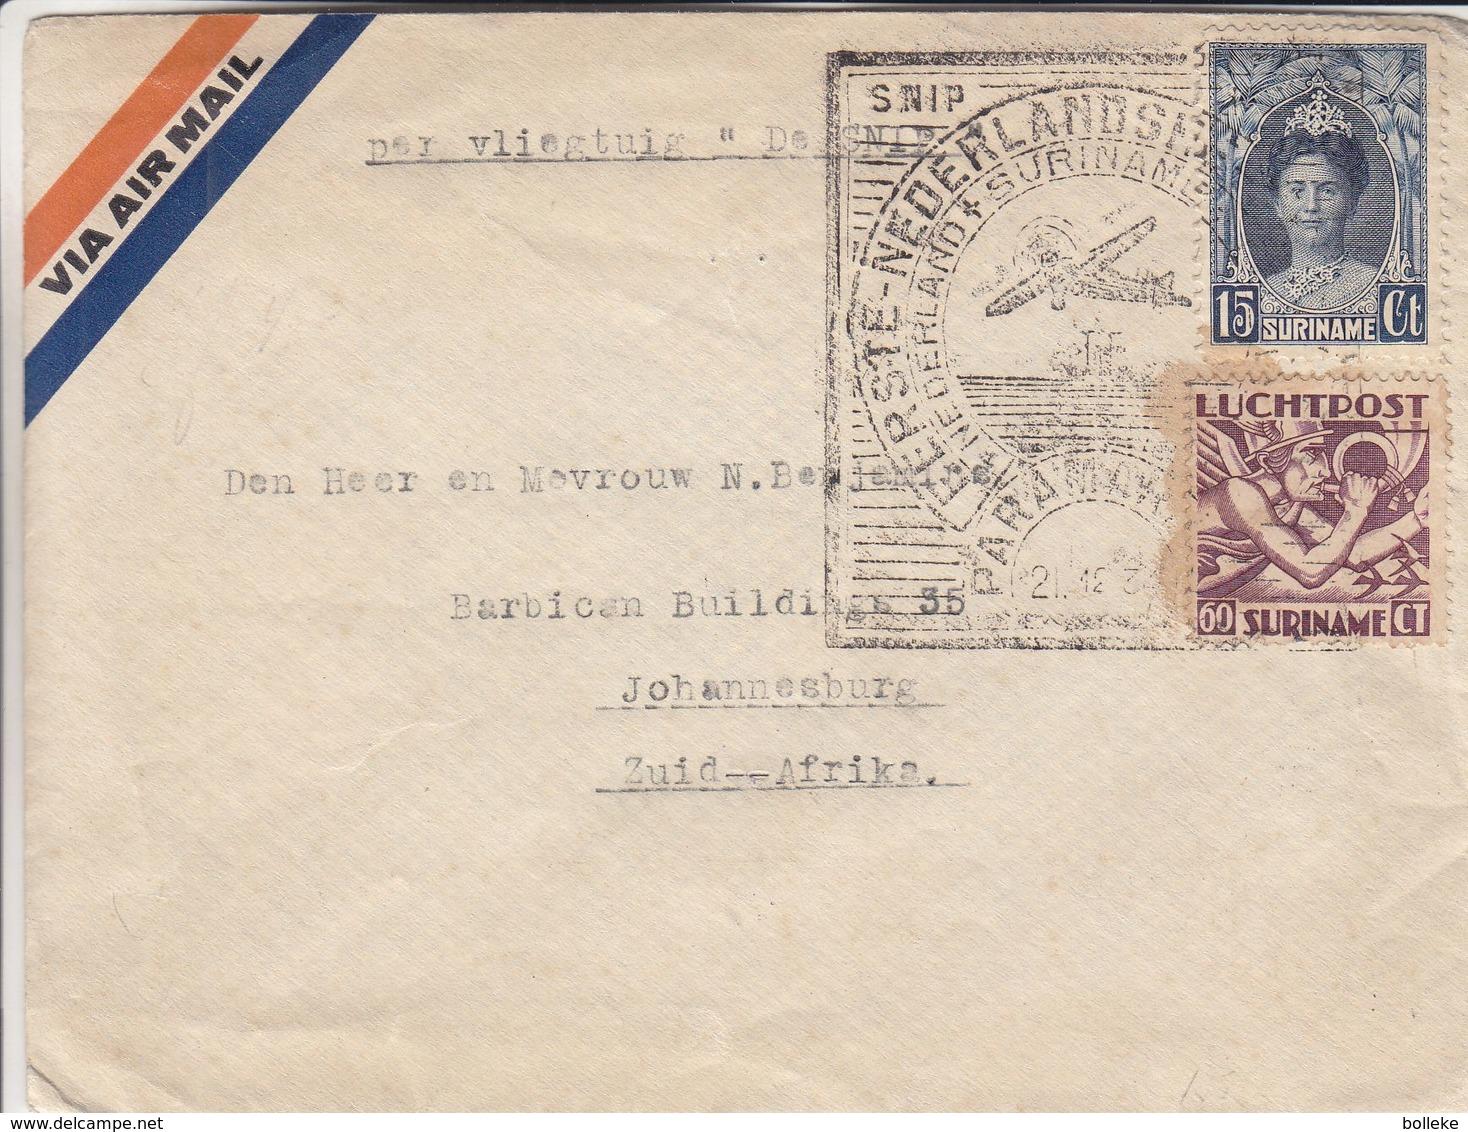 Pays Bas - Suriname - Lettre De 1934 - Oblit Paramaribo - 1er Vol - Exp Vers Johannesburg - Cachet Willemstad Curacao - Surinam ... - 1975